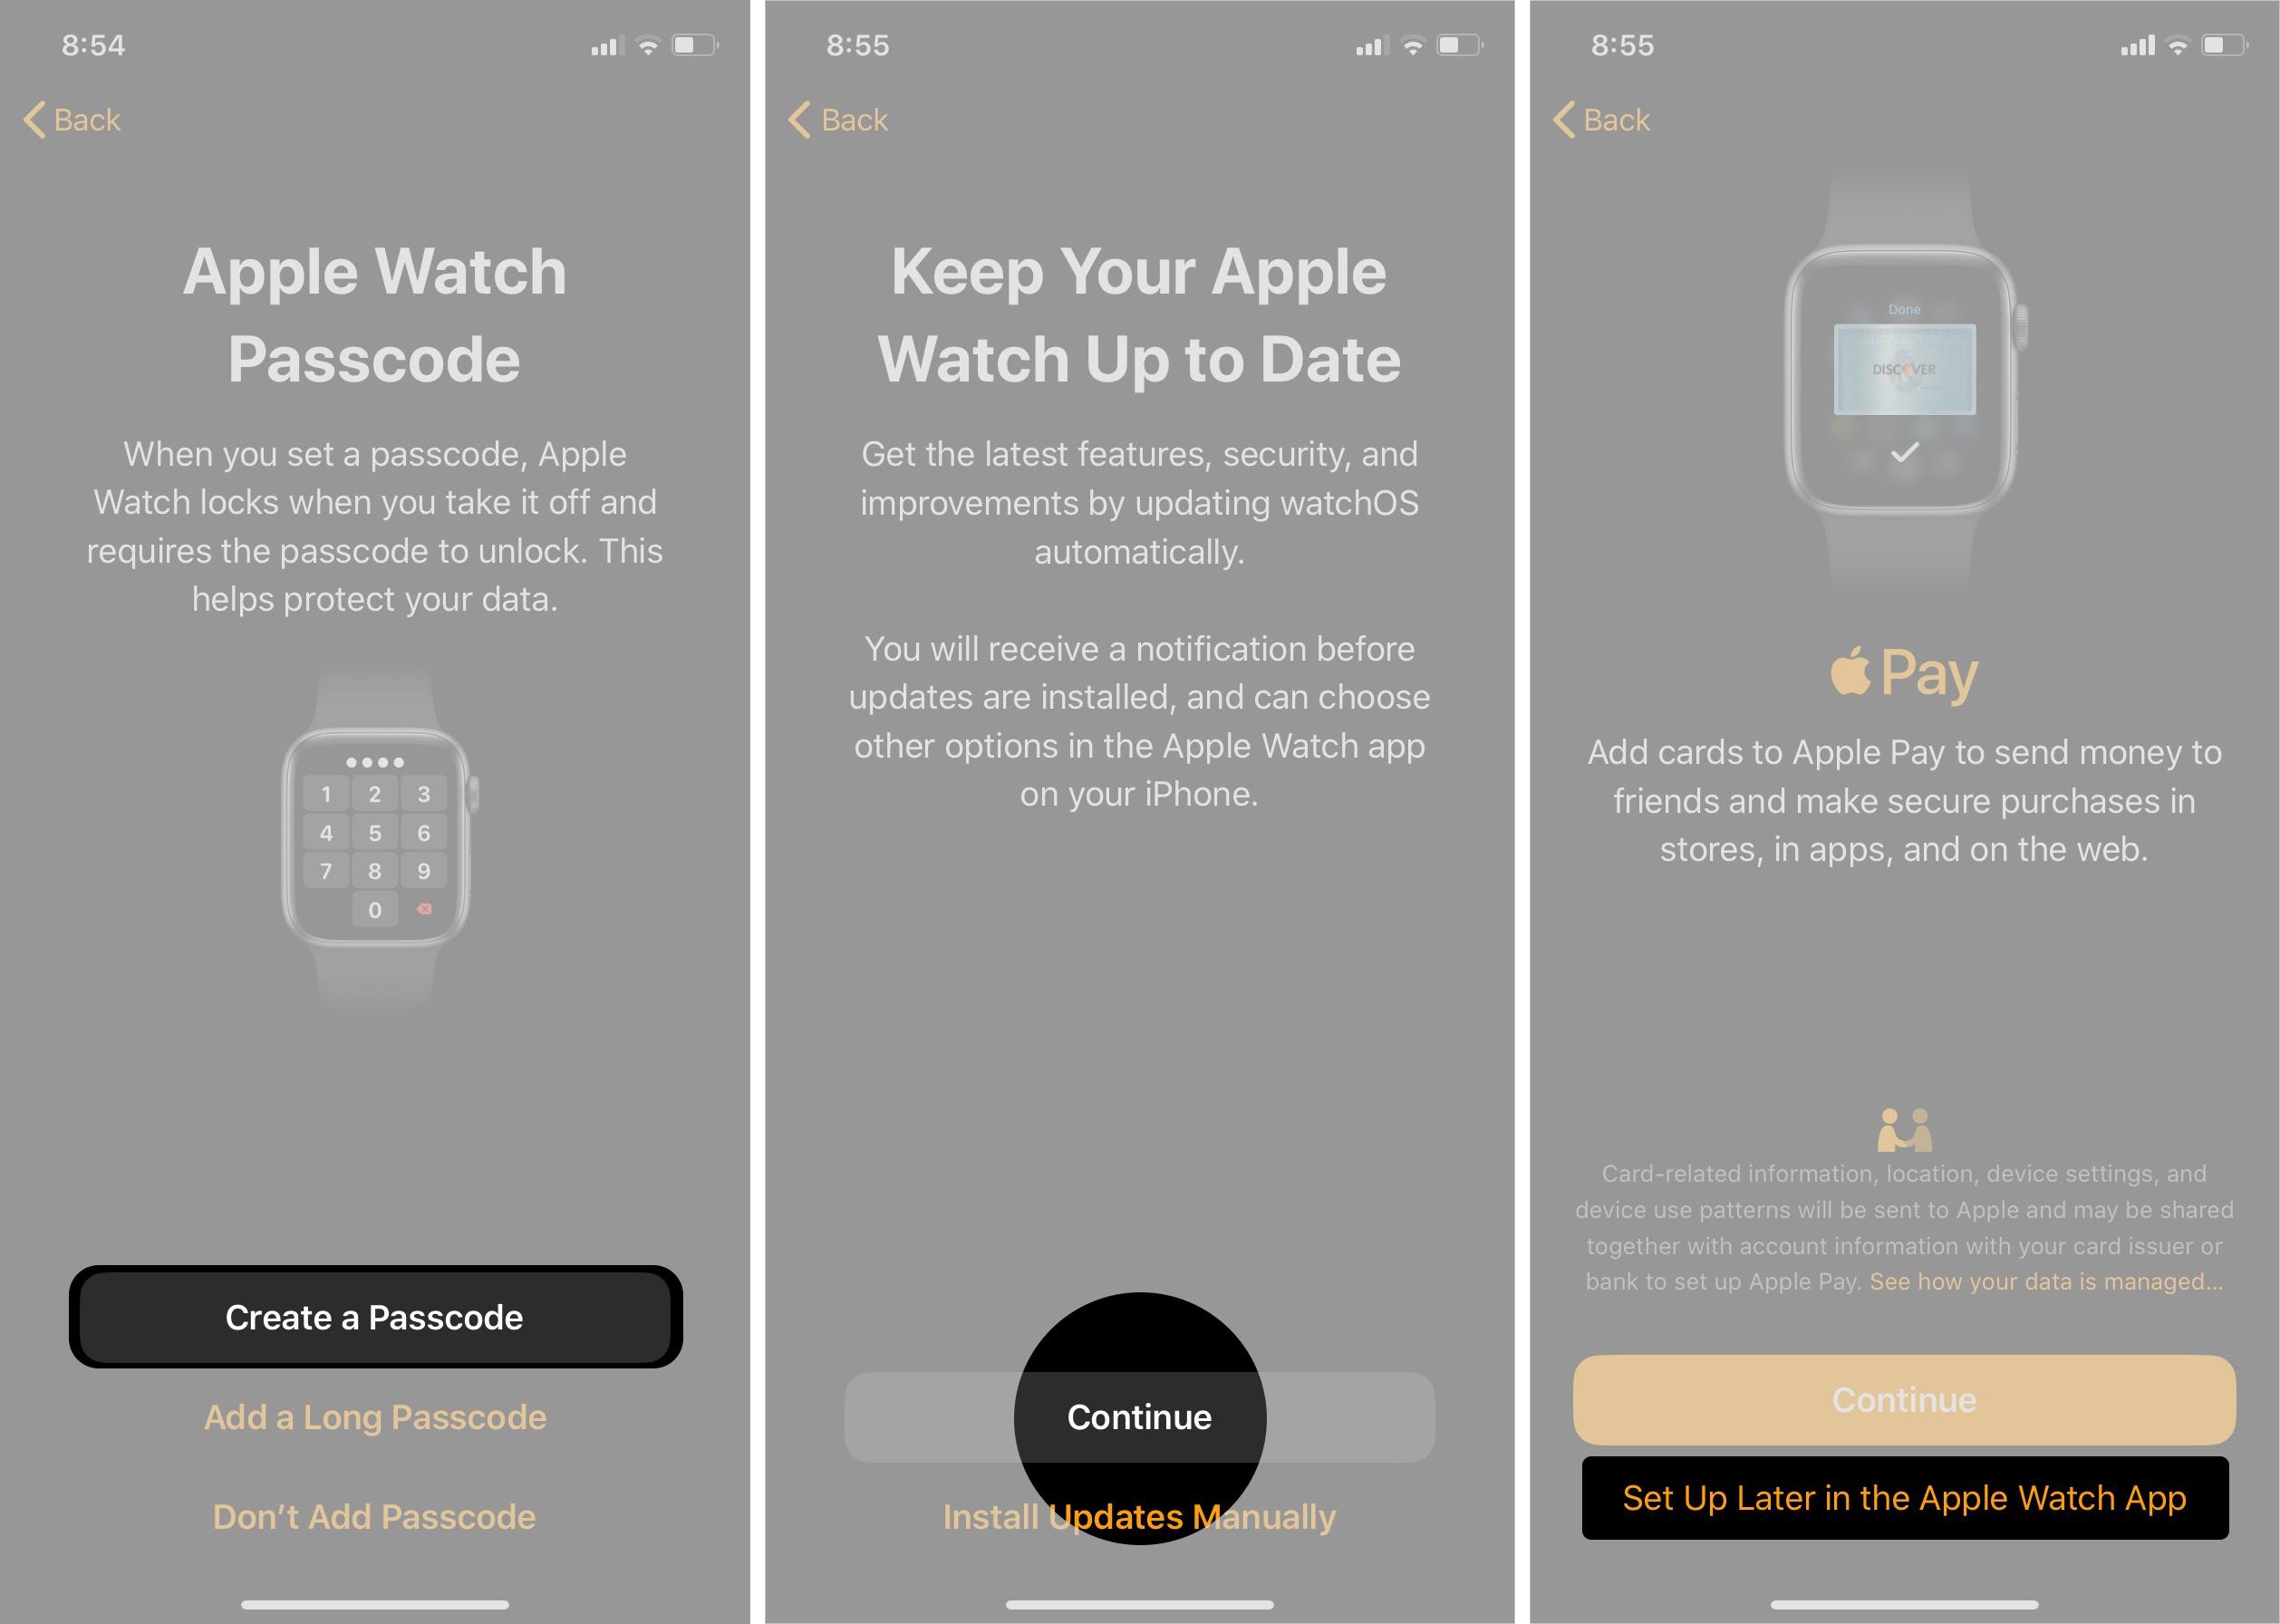 Cree un código de acceso y continúe y toque configurar más tarde en la aplicación Apple Watch